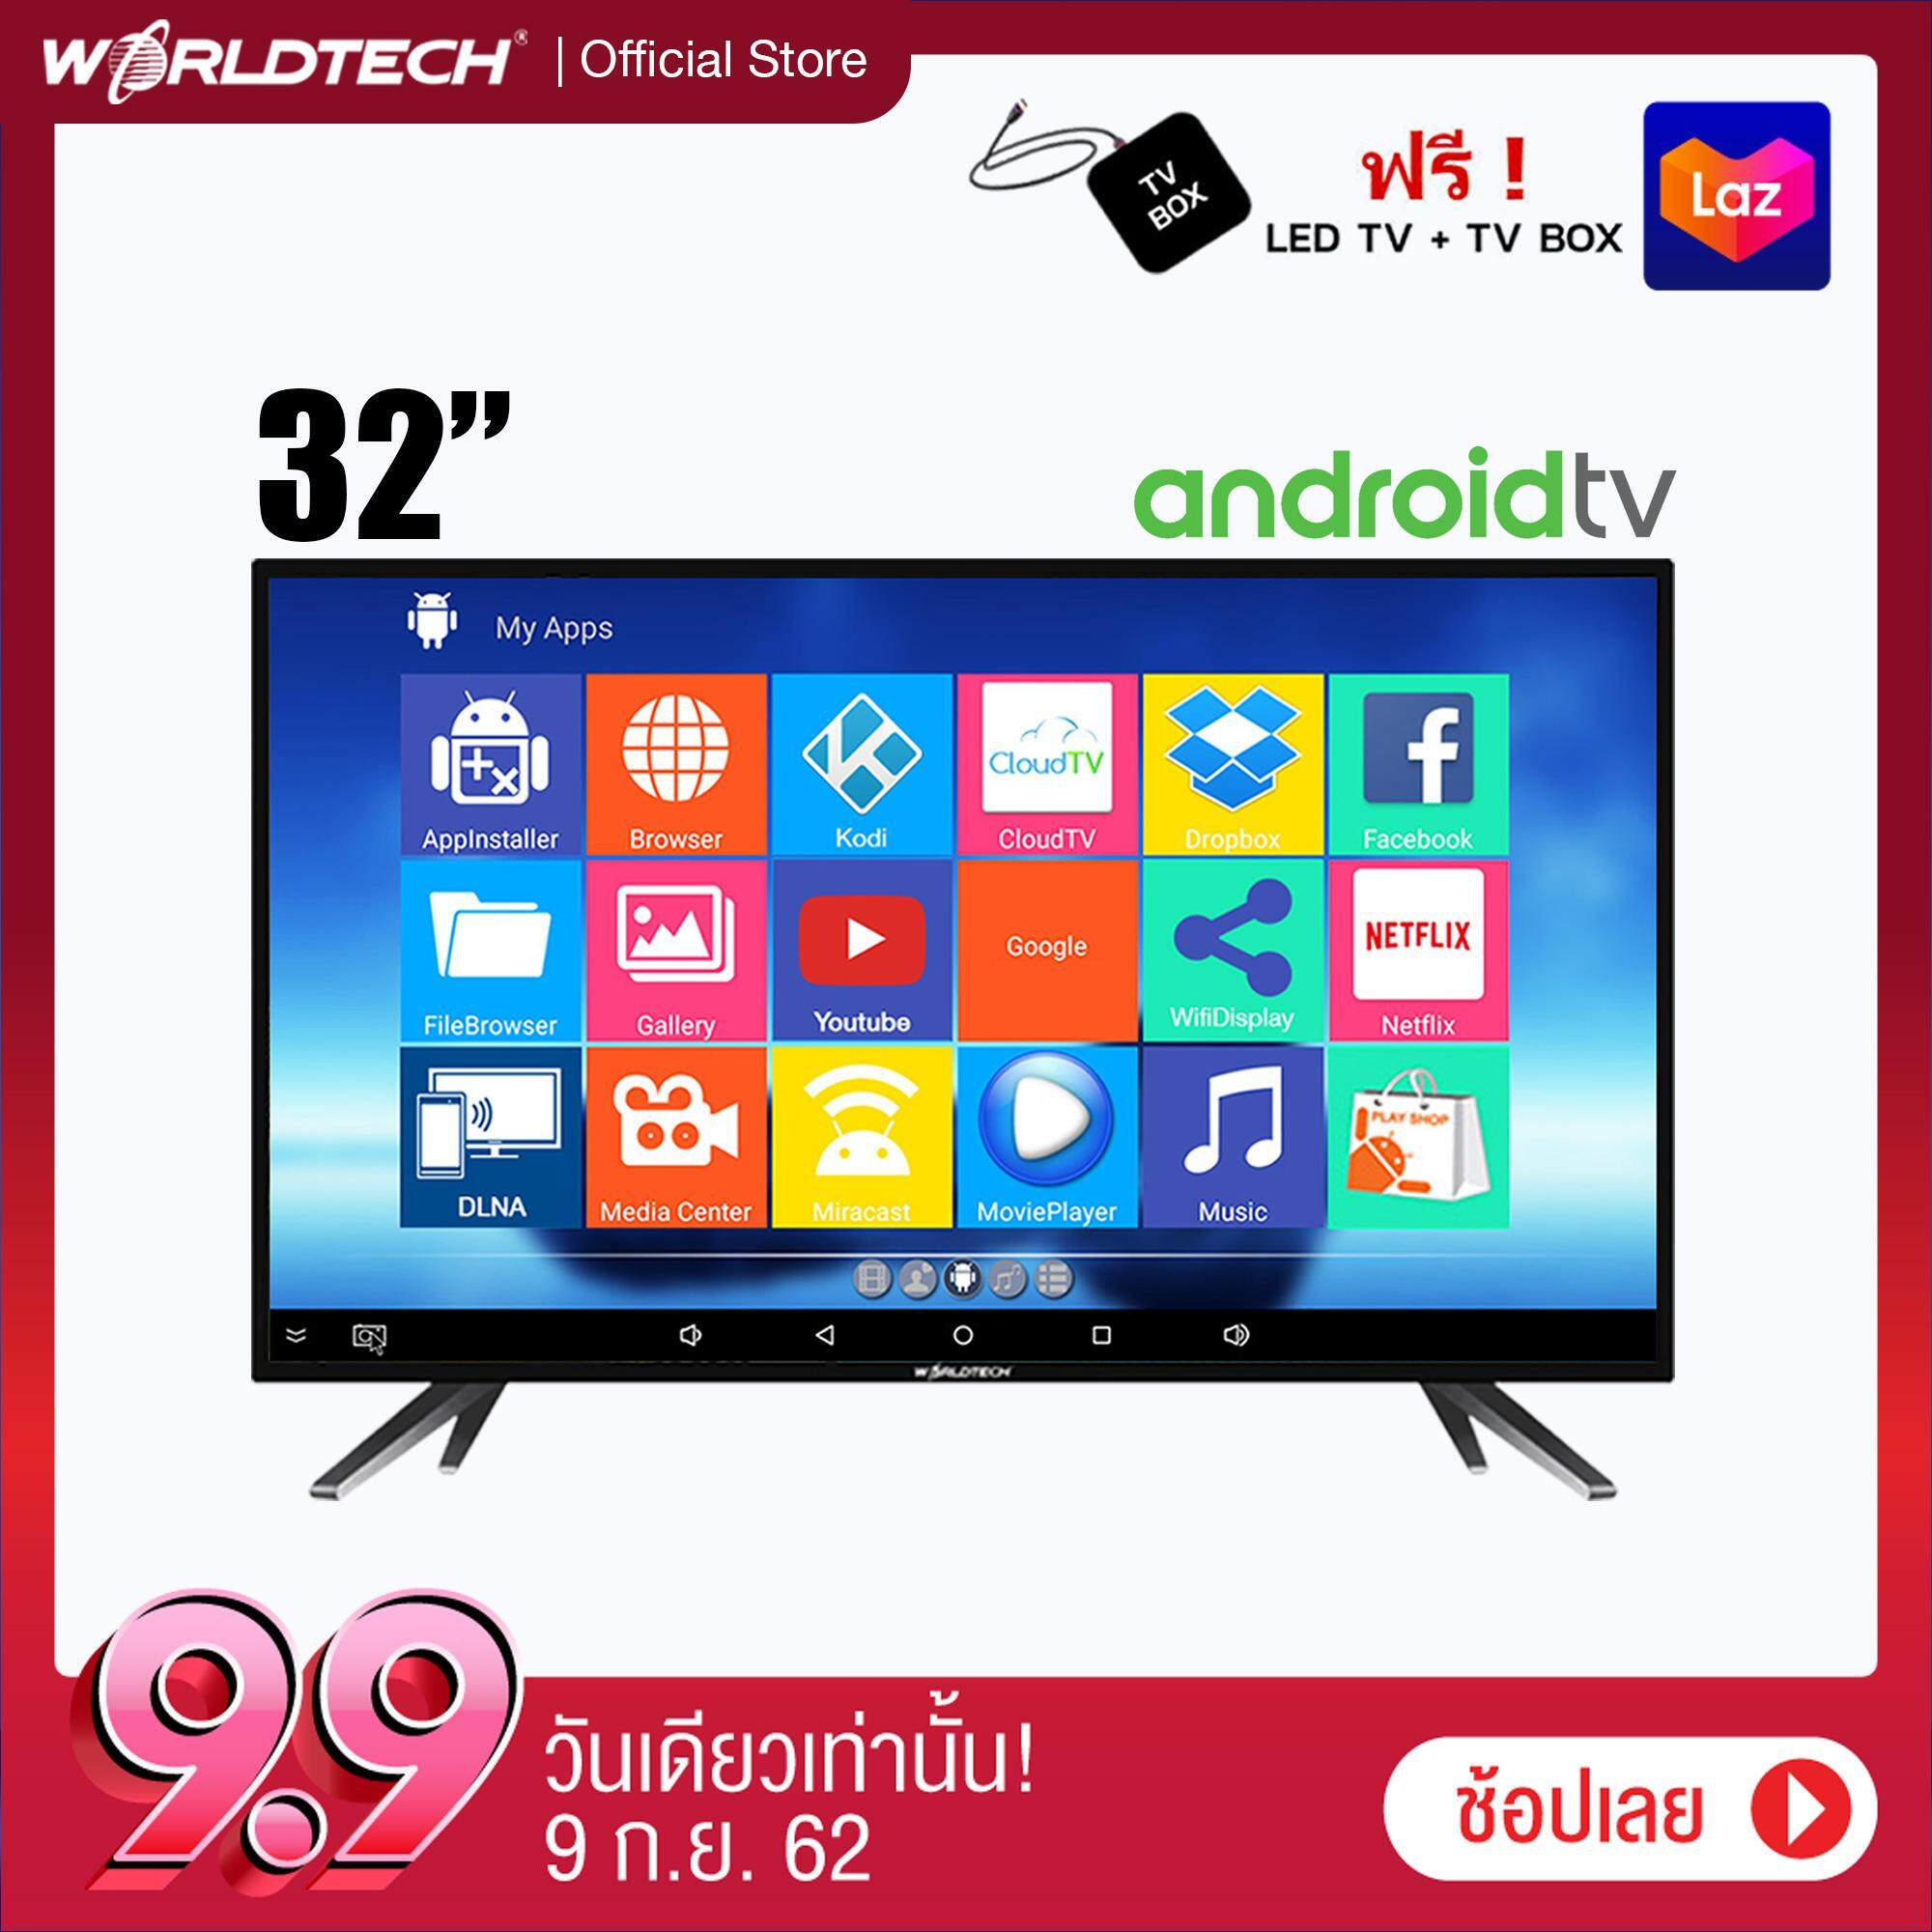 Smart TV SET ชุดเซ็ท Analog (อนาล็อก) LEDTV (แอลอีดีทีวี) พร้อมกล่อง TV Box  (ทีวี บอกซ์) Worldtech ขนาด 32 นิ้ว ที่จะเปลี่ยนทีวีธรรมดา